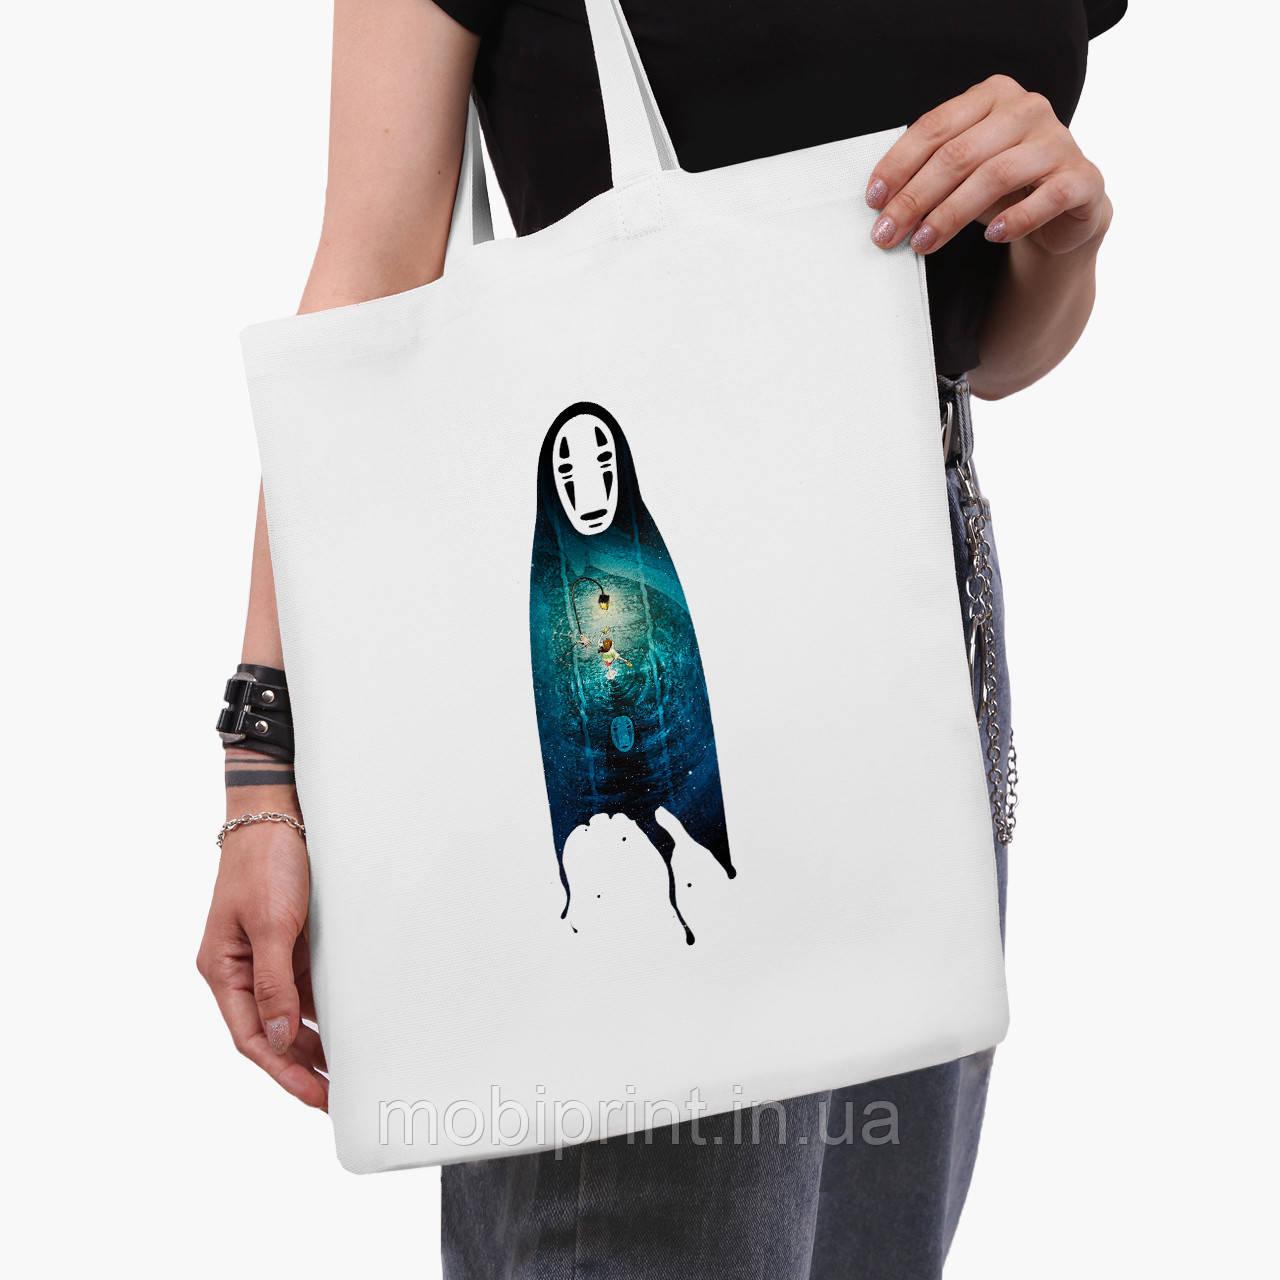 Эко сумка шоппер белая Безликий Бог Каонаси Унесённые призраками (Spirited Away) (9227-2831-3)  41*35 см